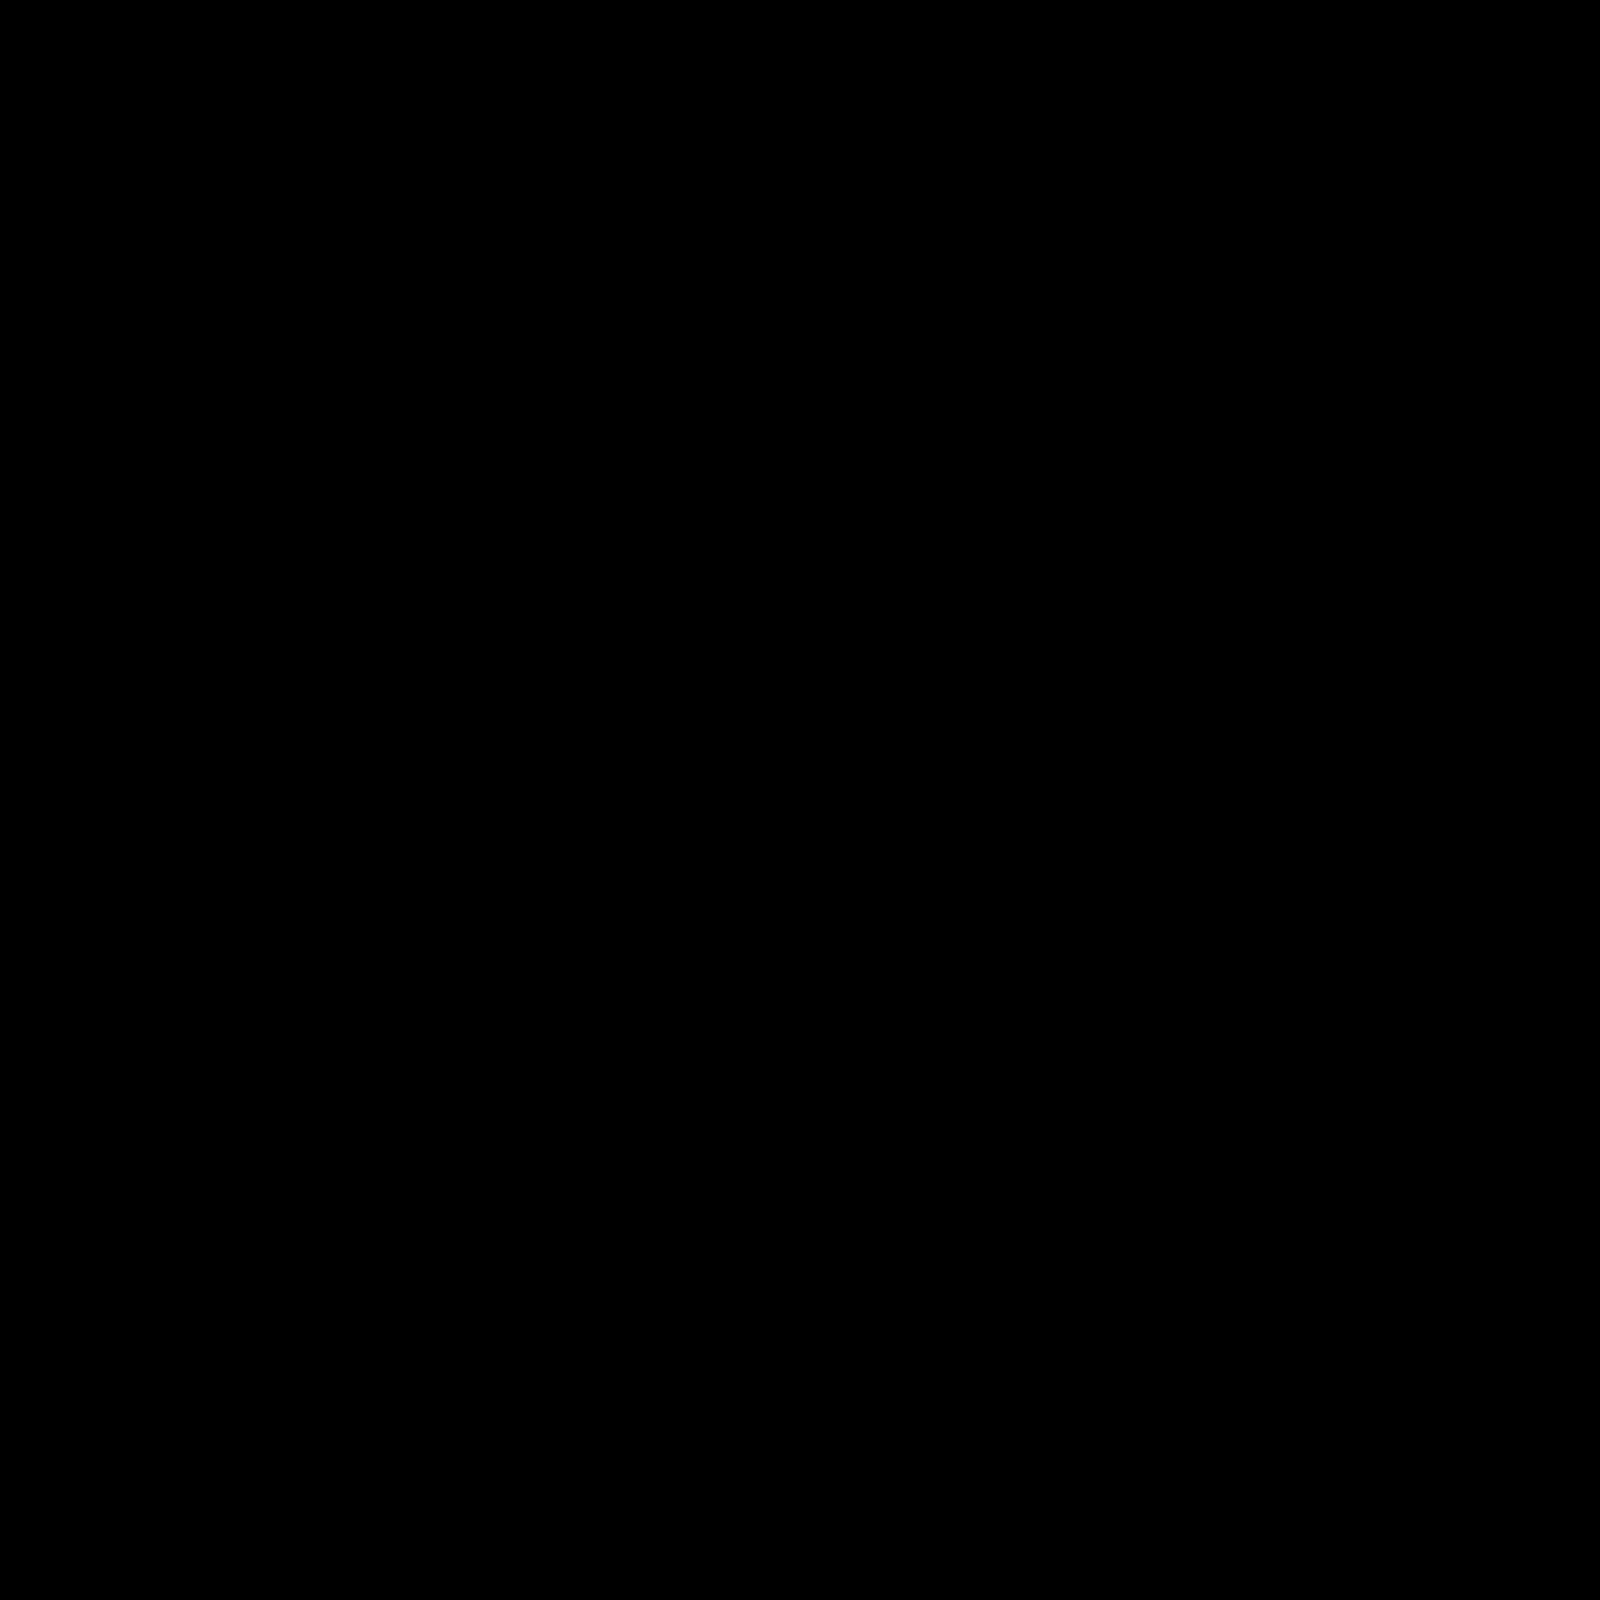 Pistolet icon